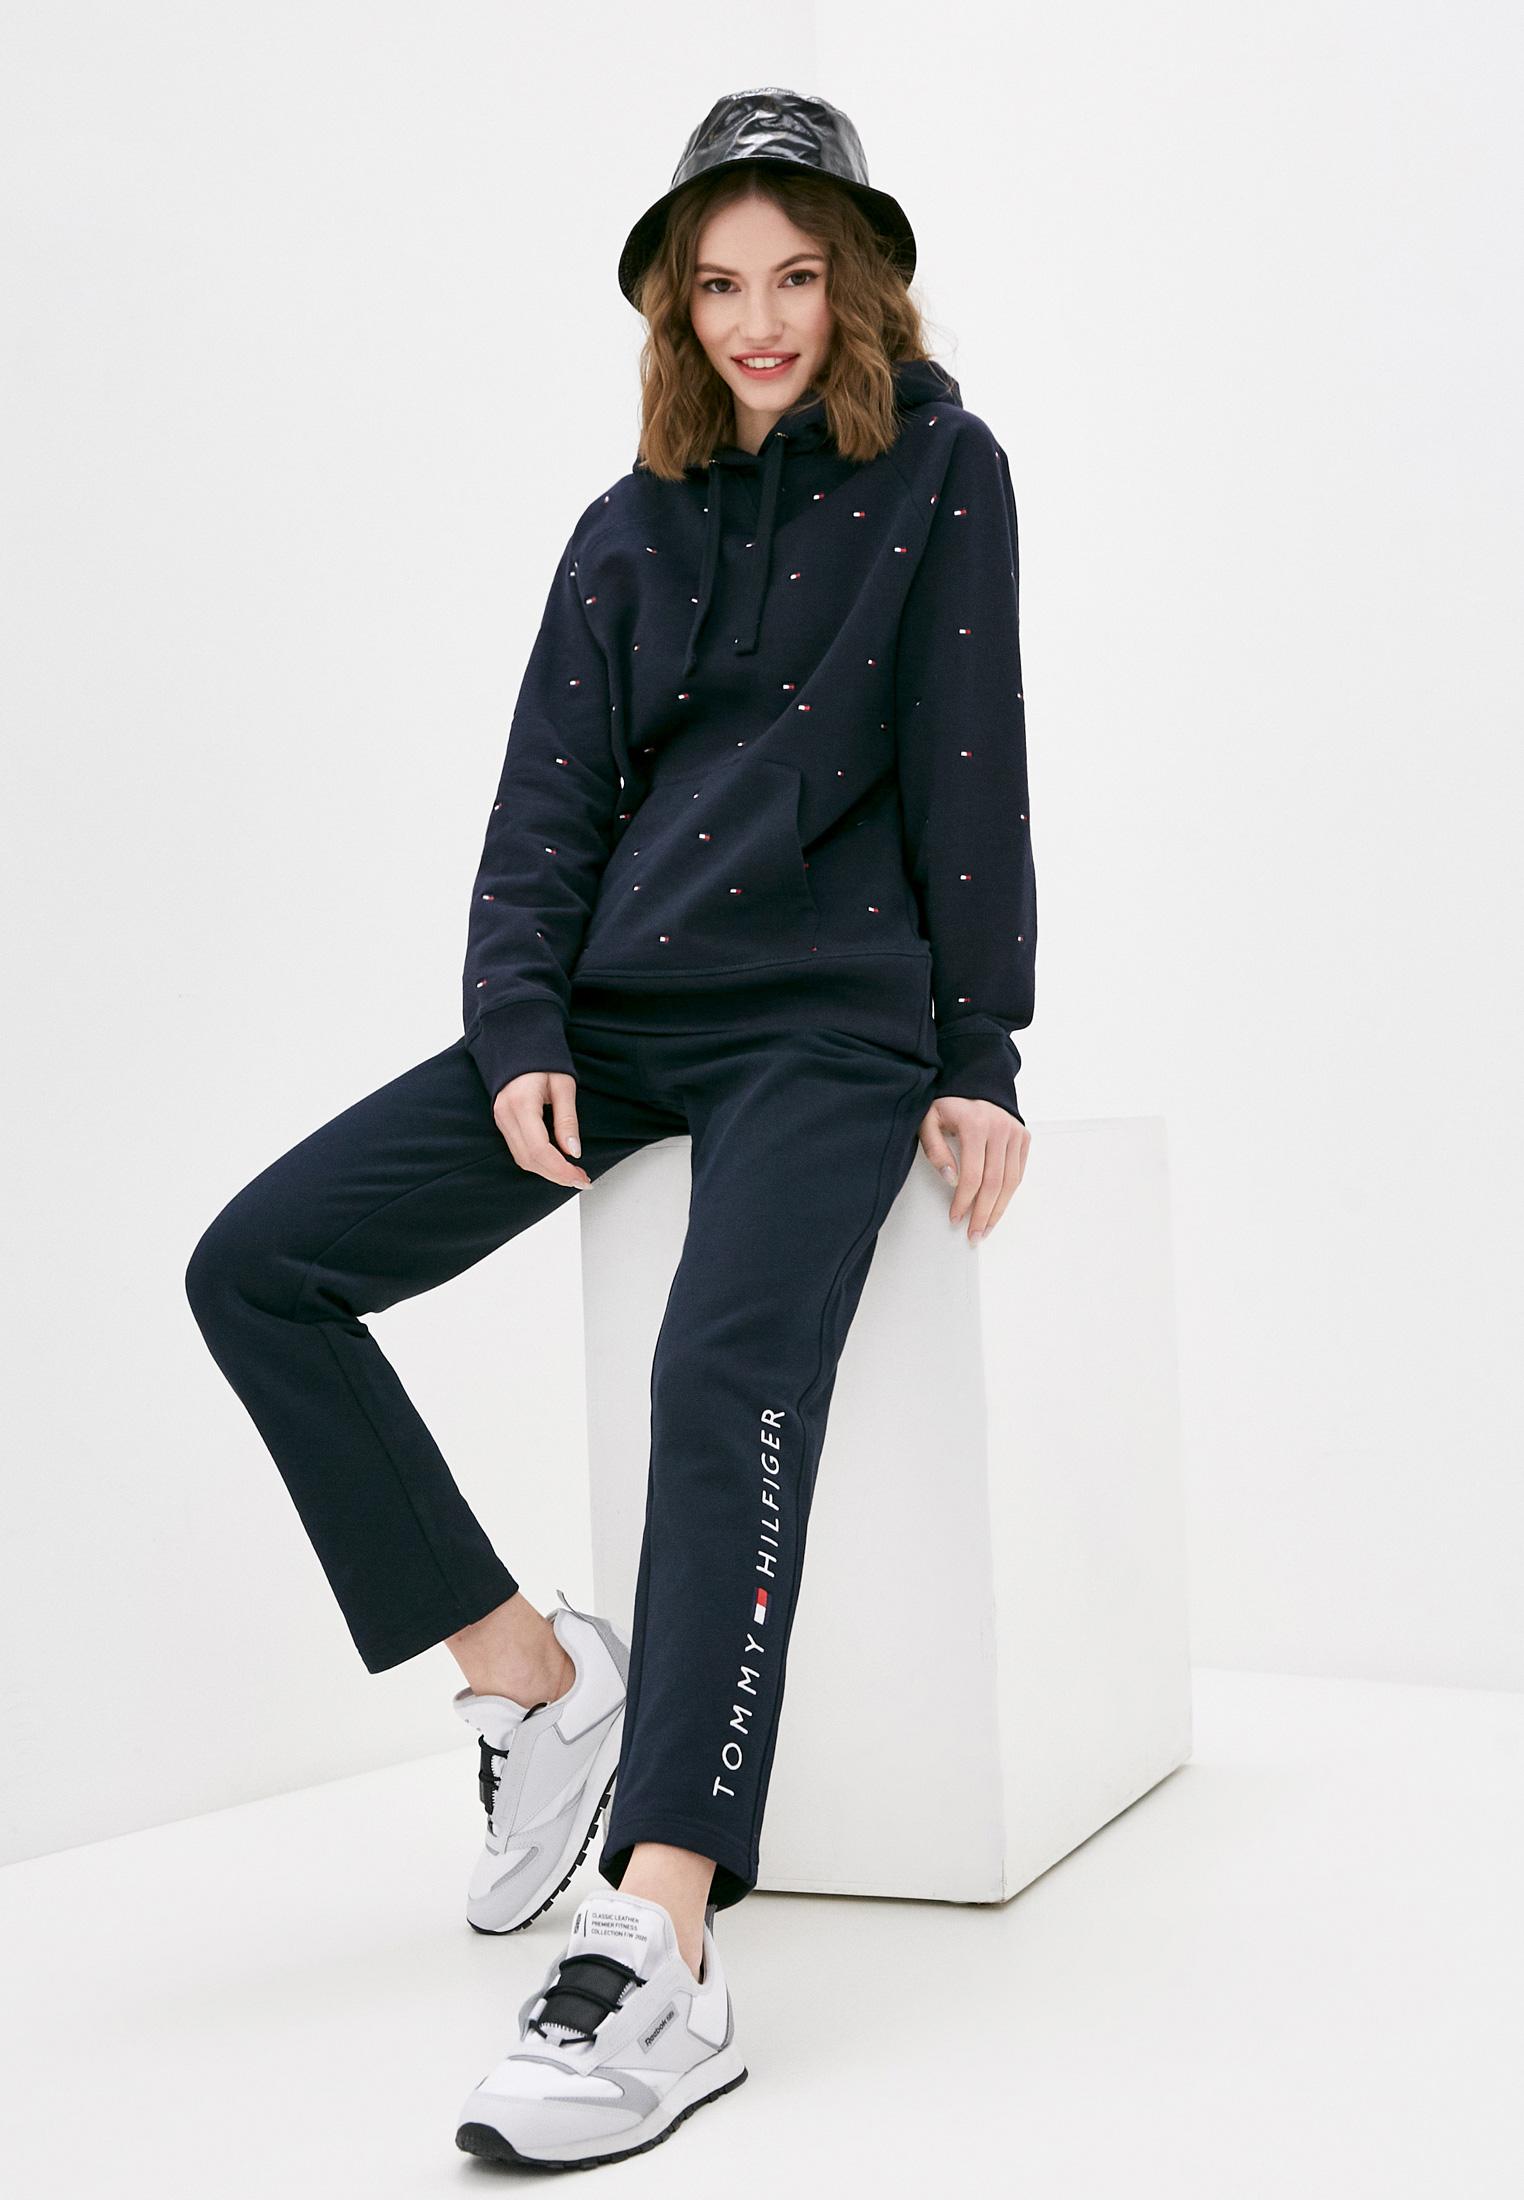 Женские спортивные брюки Tommy Hilfiger (Томми Хилфигер) WW0WW31276: изображение 2